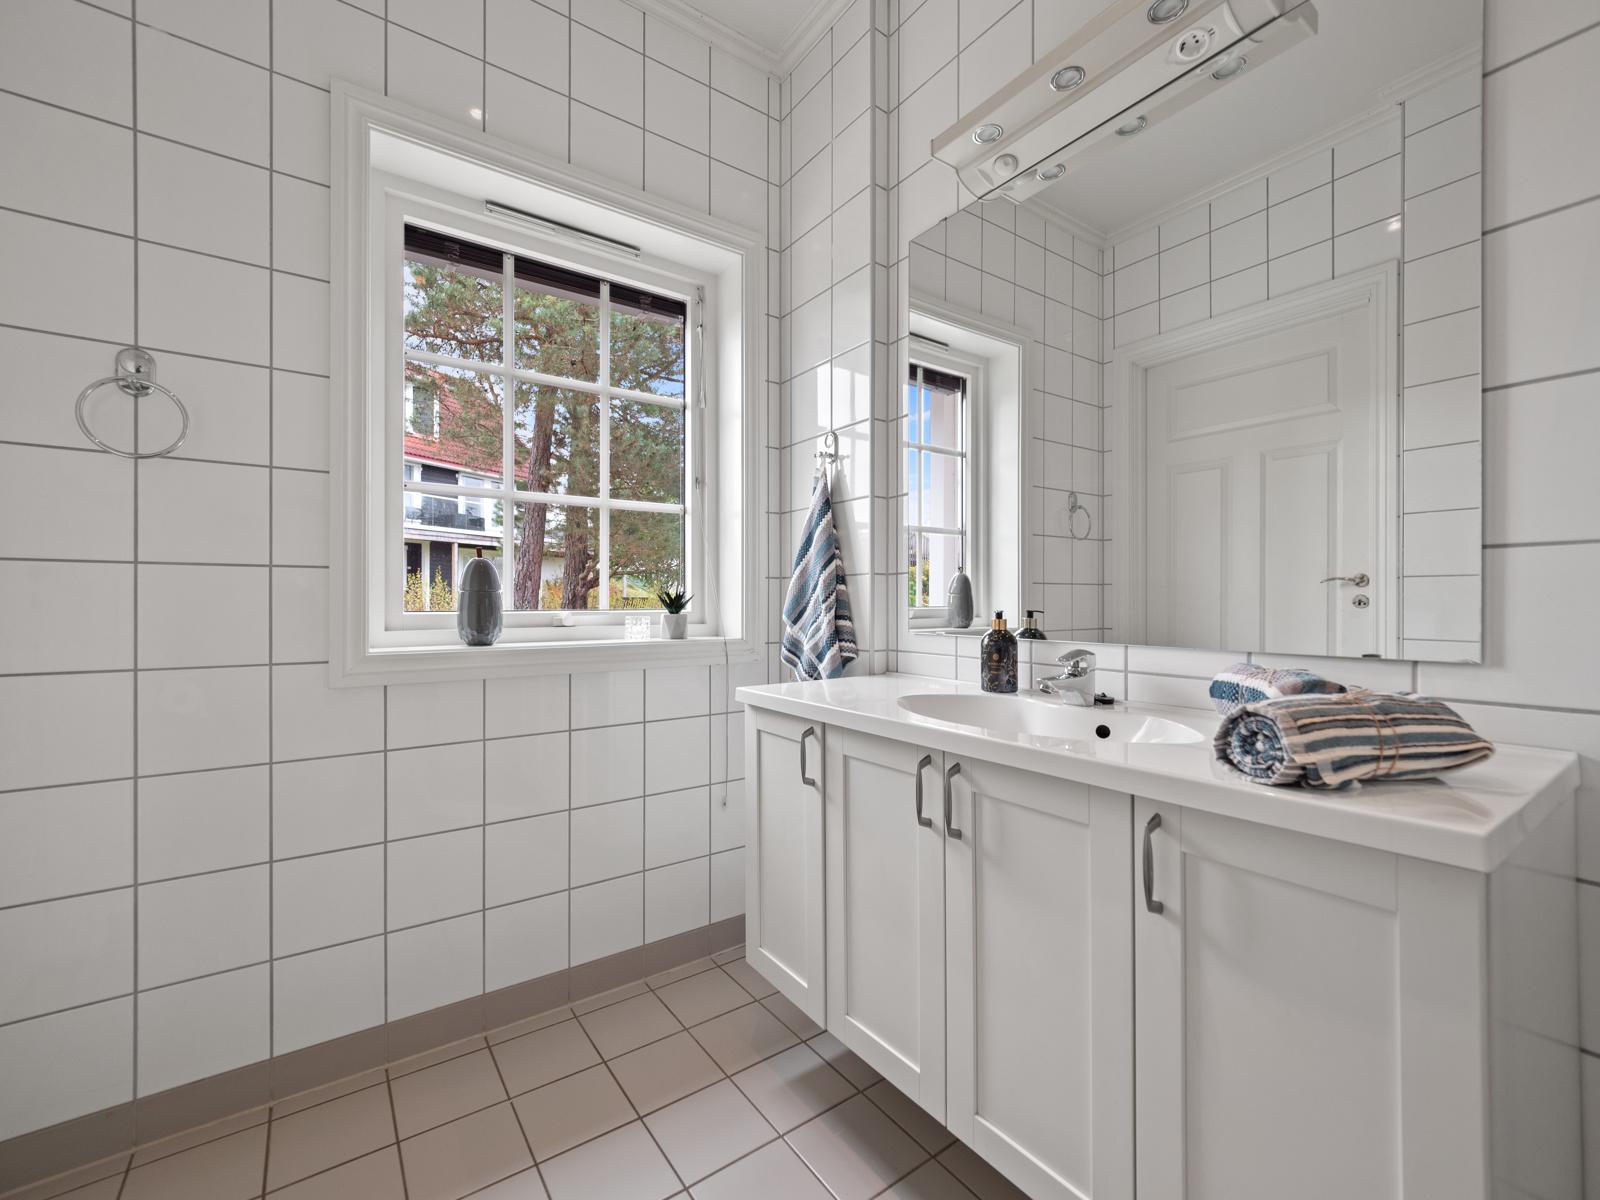 Bad i 1. etg. er innredet med vegghengt toalett, dusjhjørne og servantinnredning.